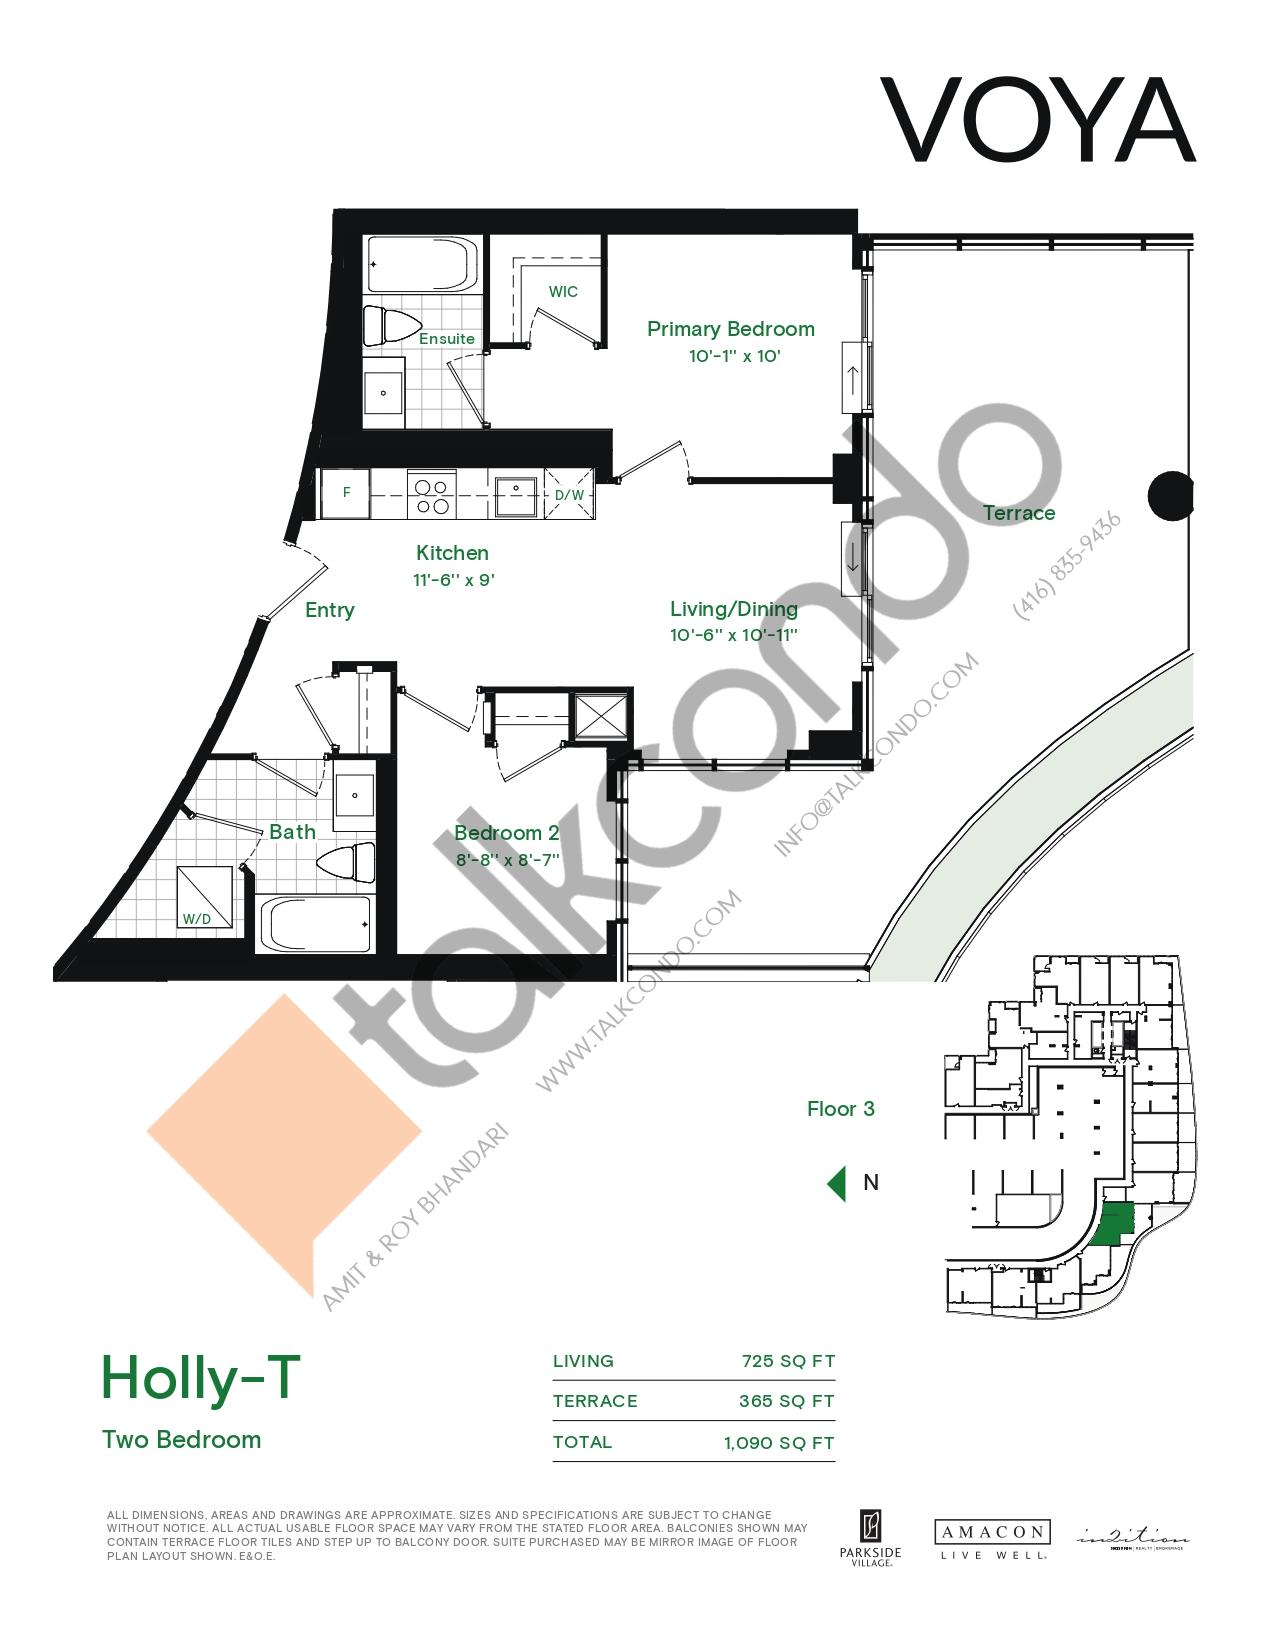 Holly-T (Podium) Floor Plan at Voya at Parkside Village Condos - 725 sq.ft